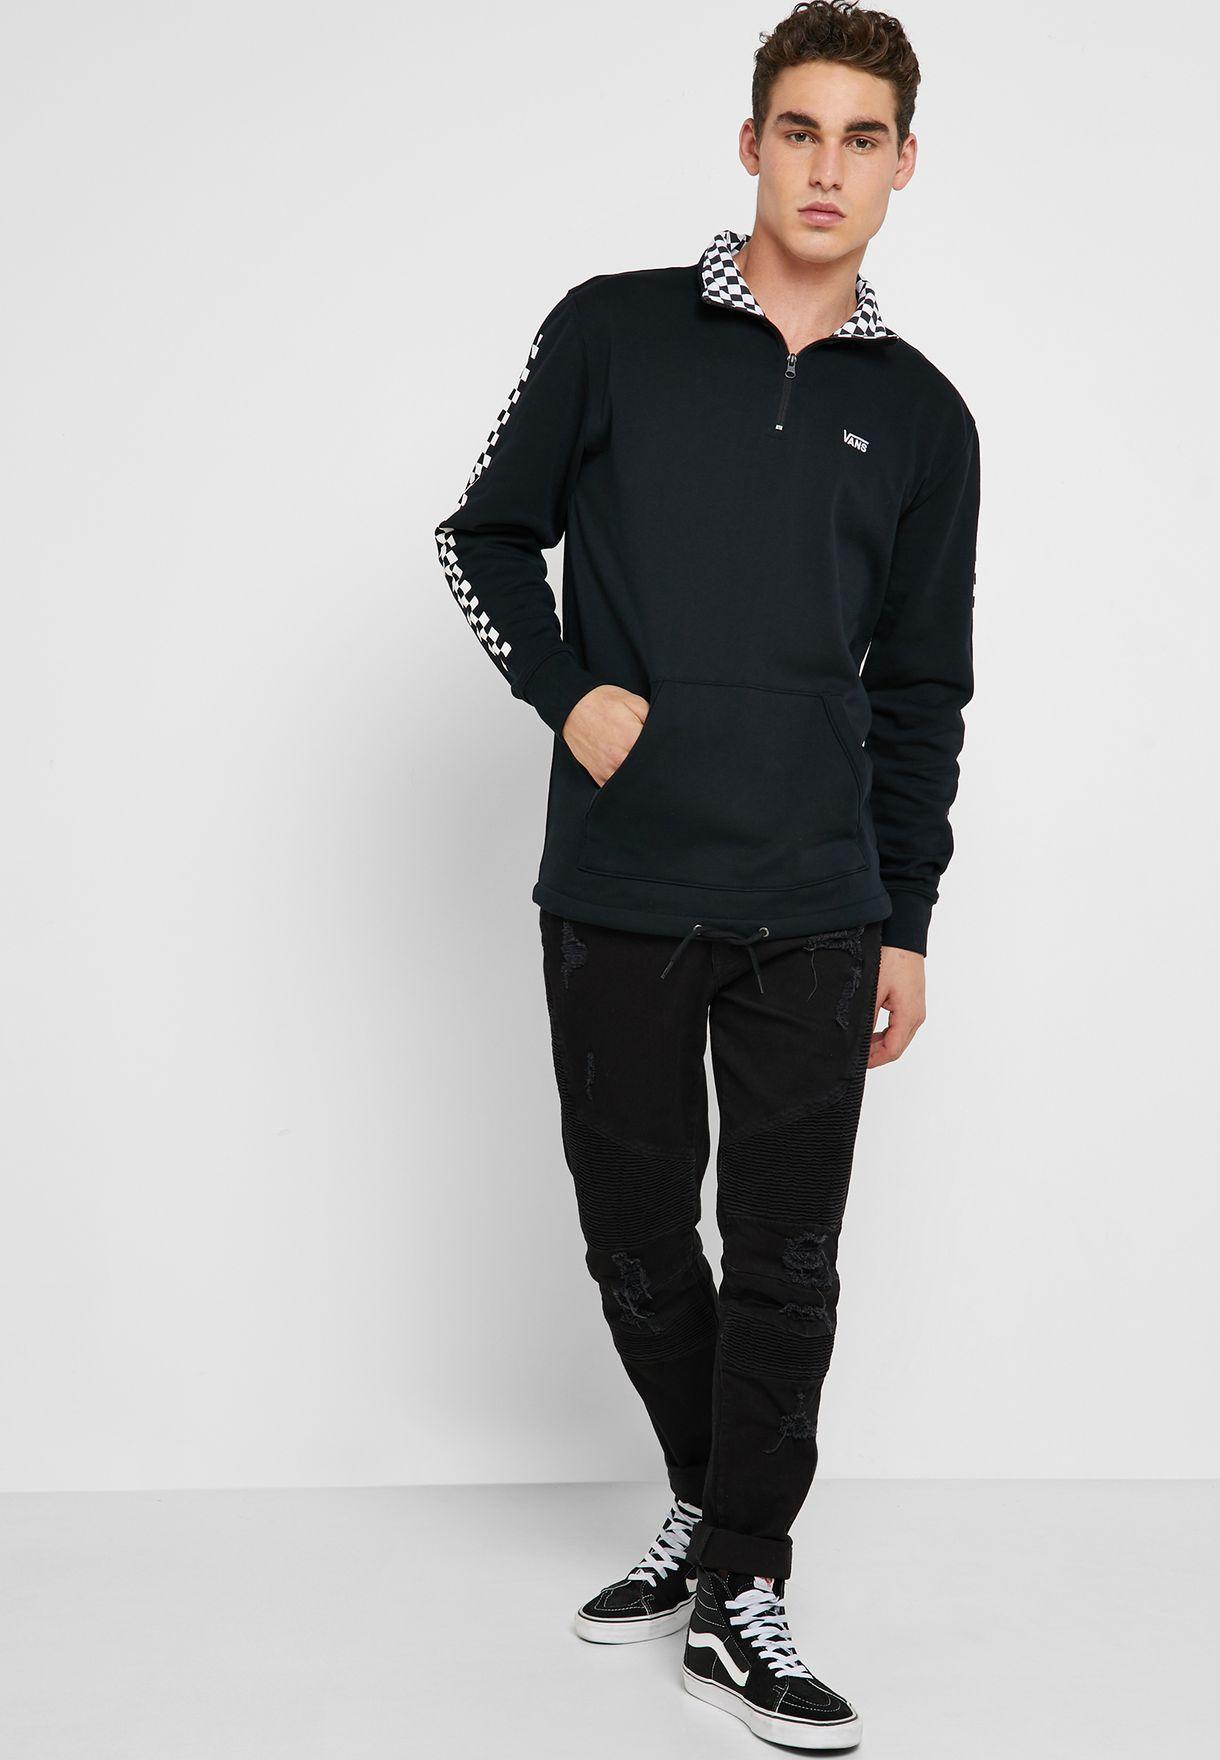 Versa Sweatshirt